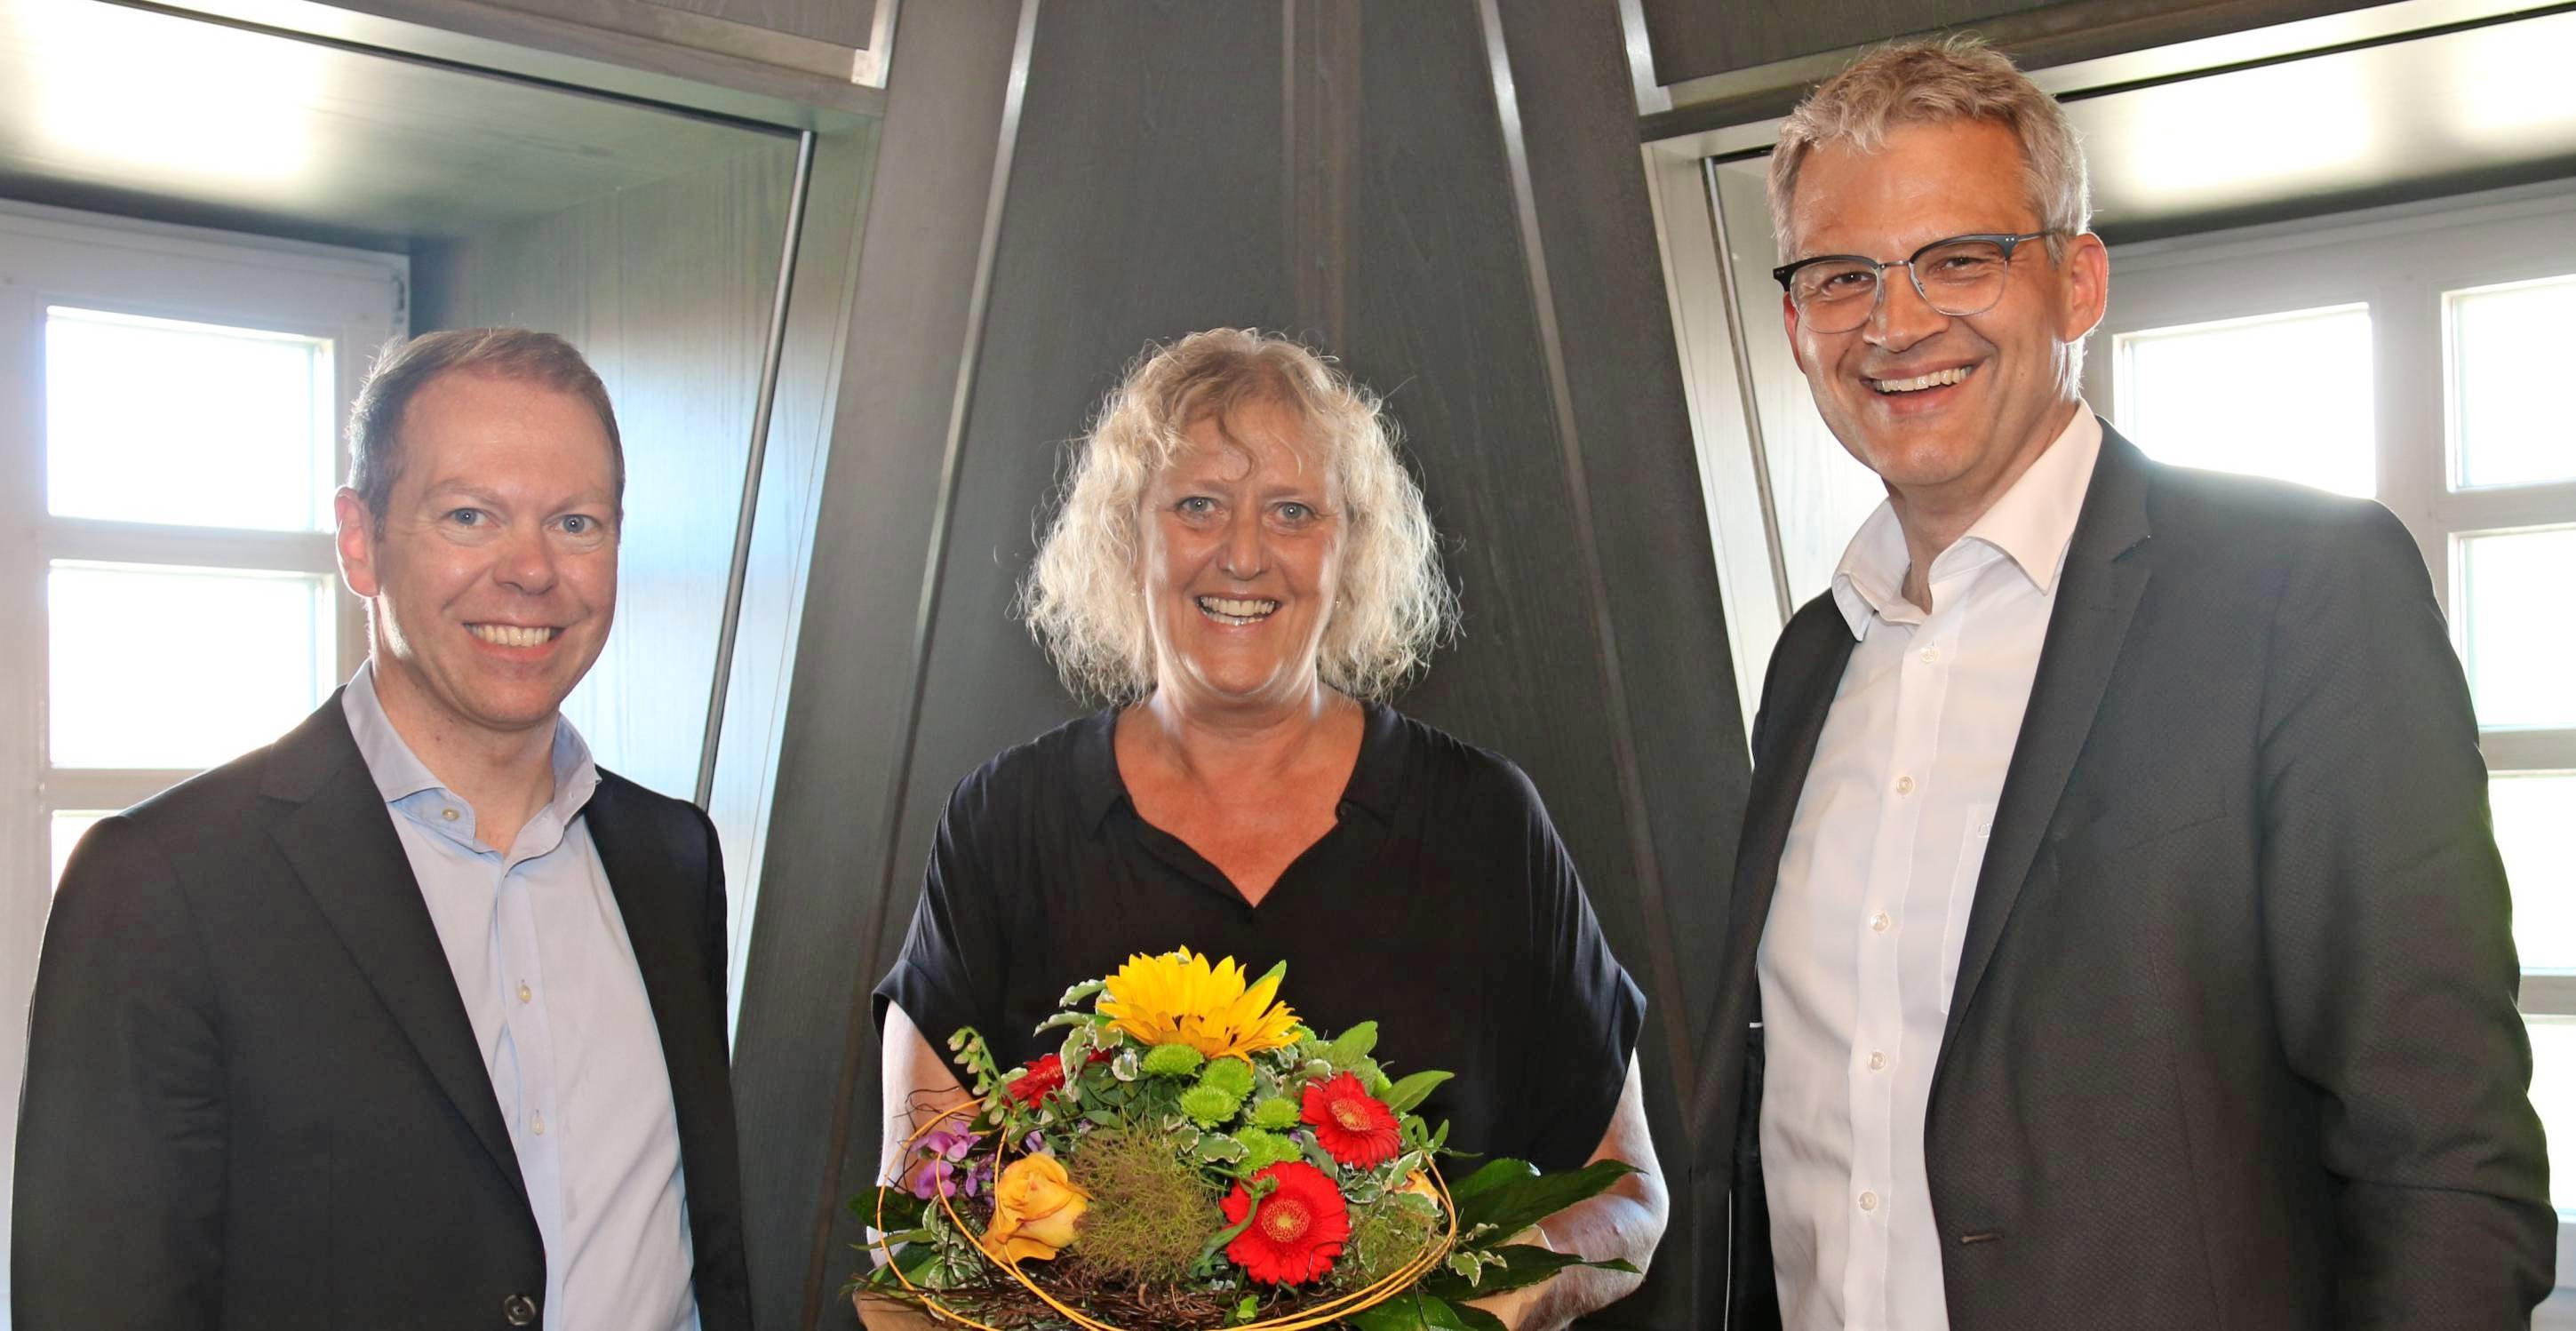 OB Steffen Hertwig (re.) dankte Ursula Stiefken und Dr. Torsten Briegel von den Stadtwerken Heilbronn für die professionelle Aquatoll-Betriebsführung. Foto: snp